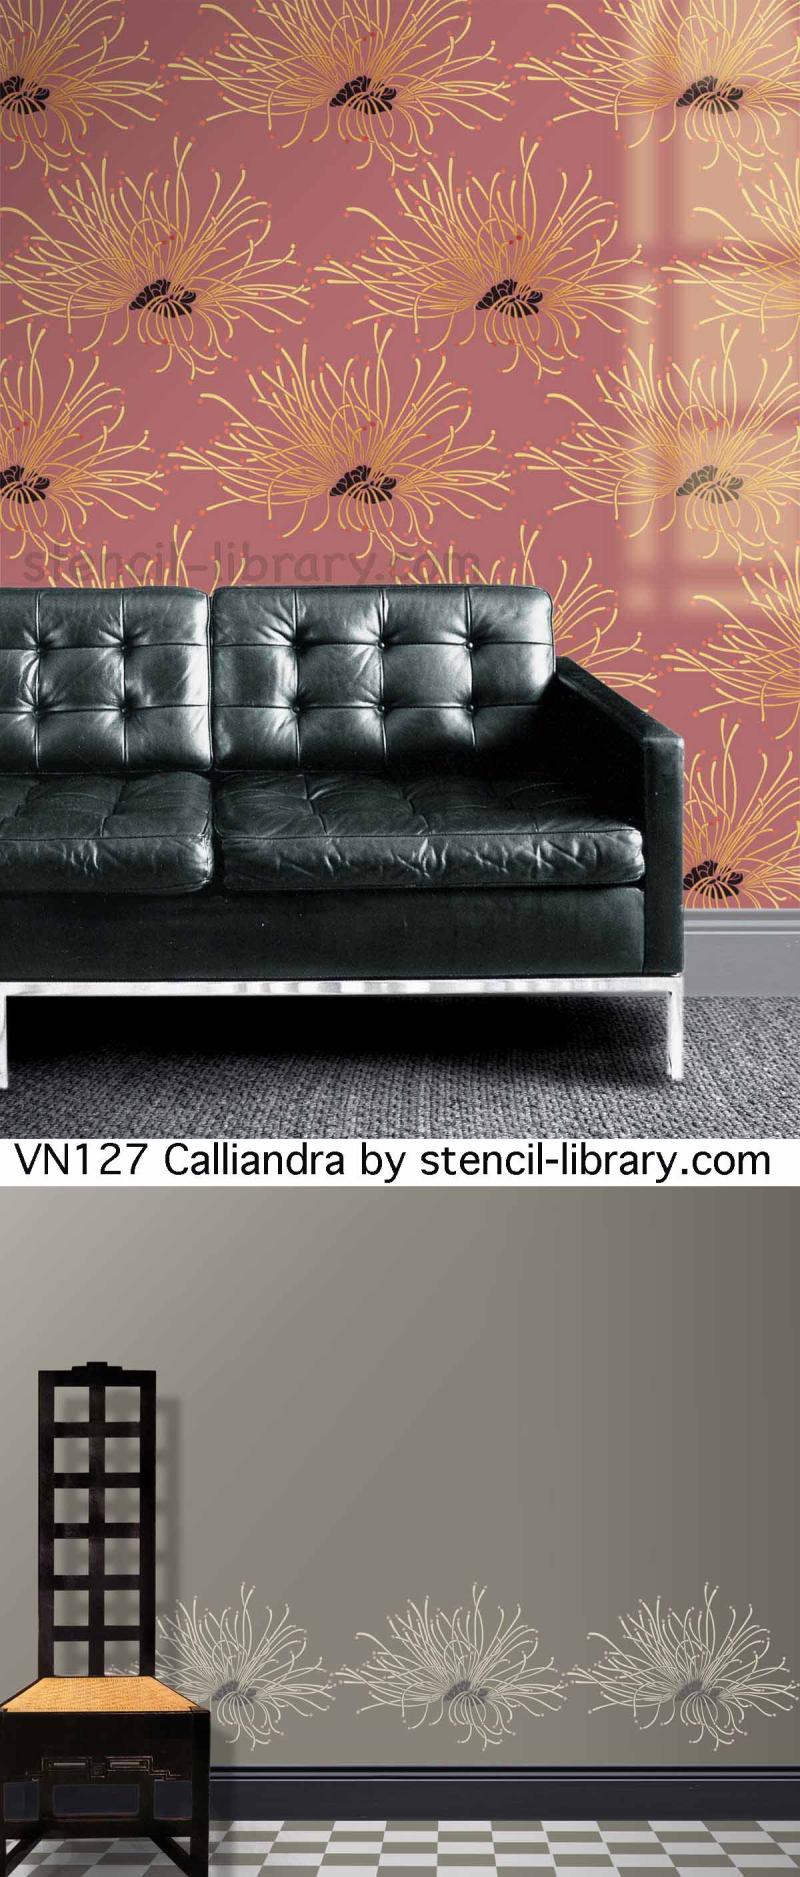 Calliandra by stencil-library 2 ways